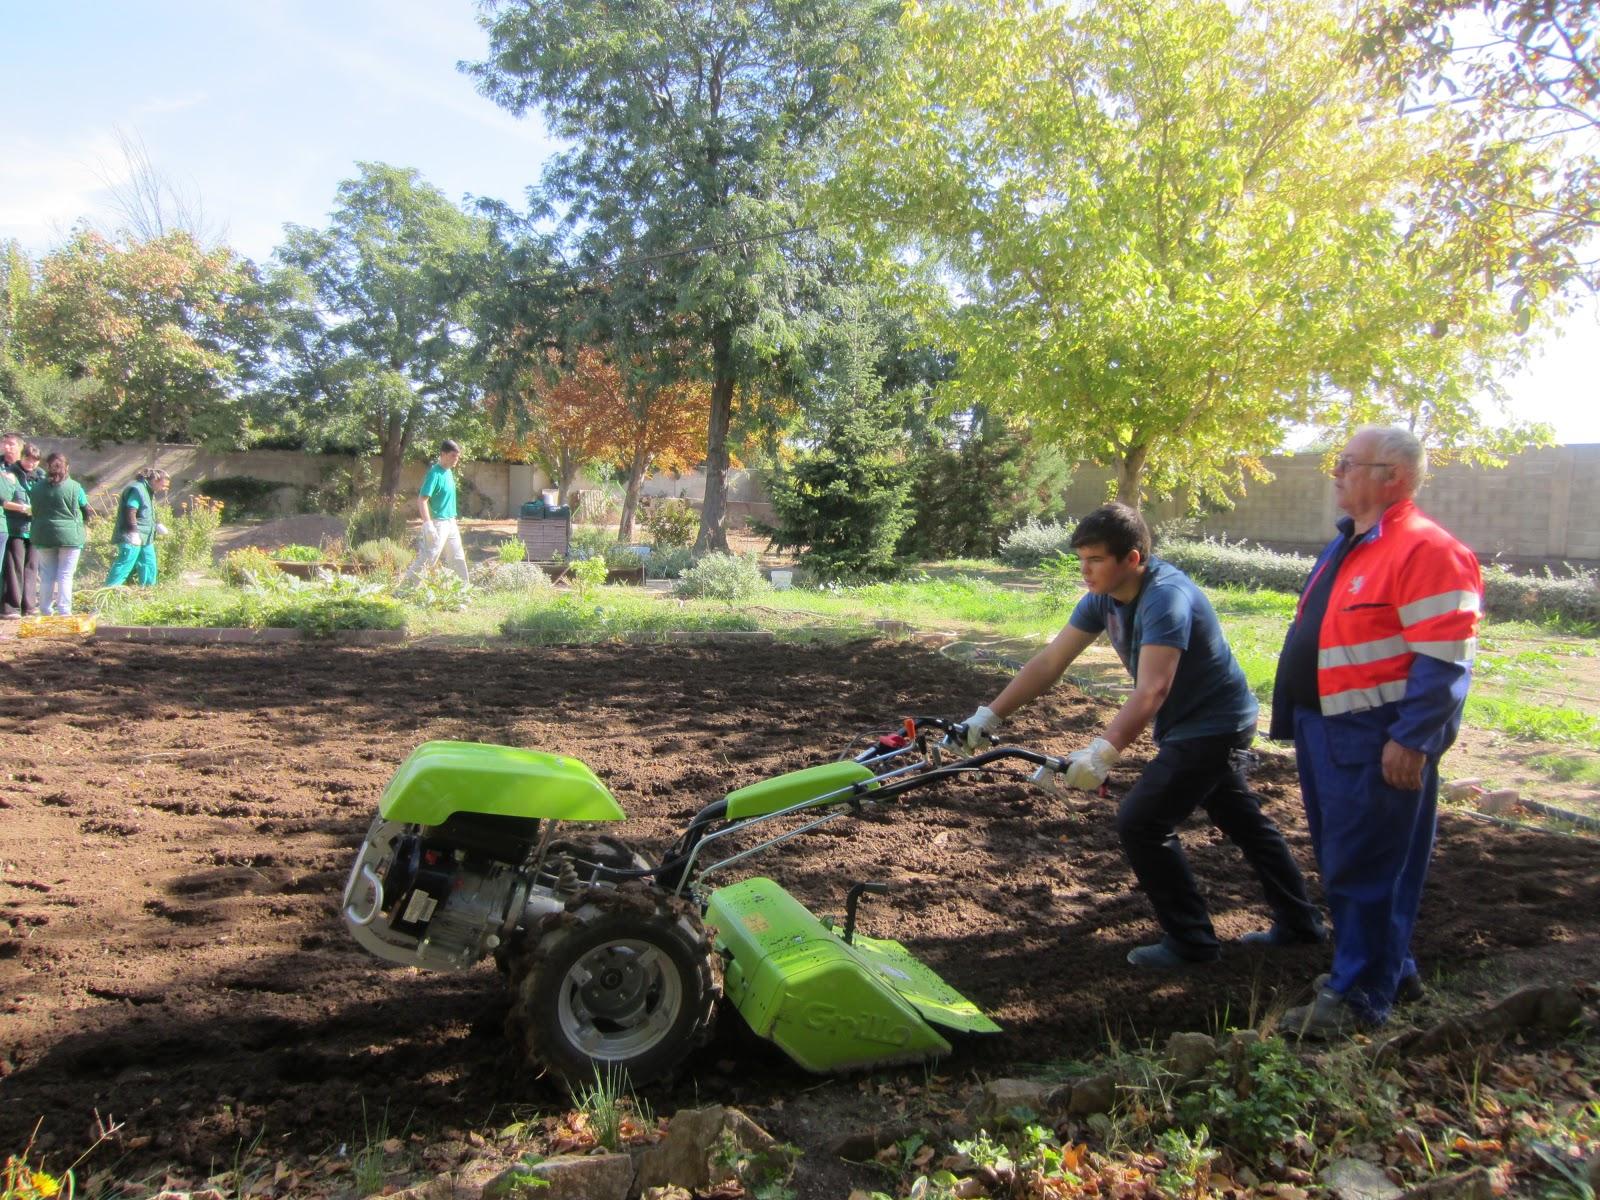 Escuela municipal de jardiner a el pinar conocemos un for Escuela de jardineria